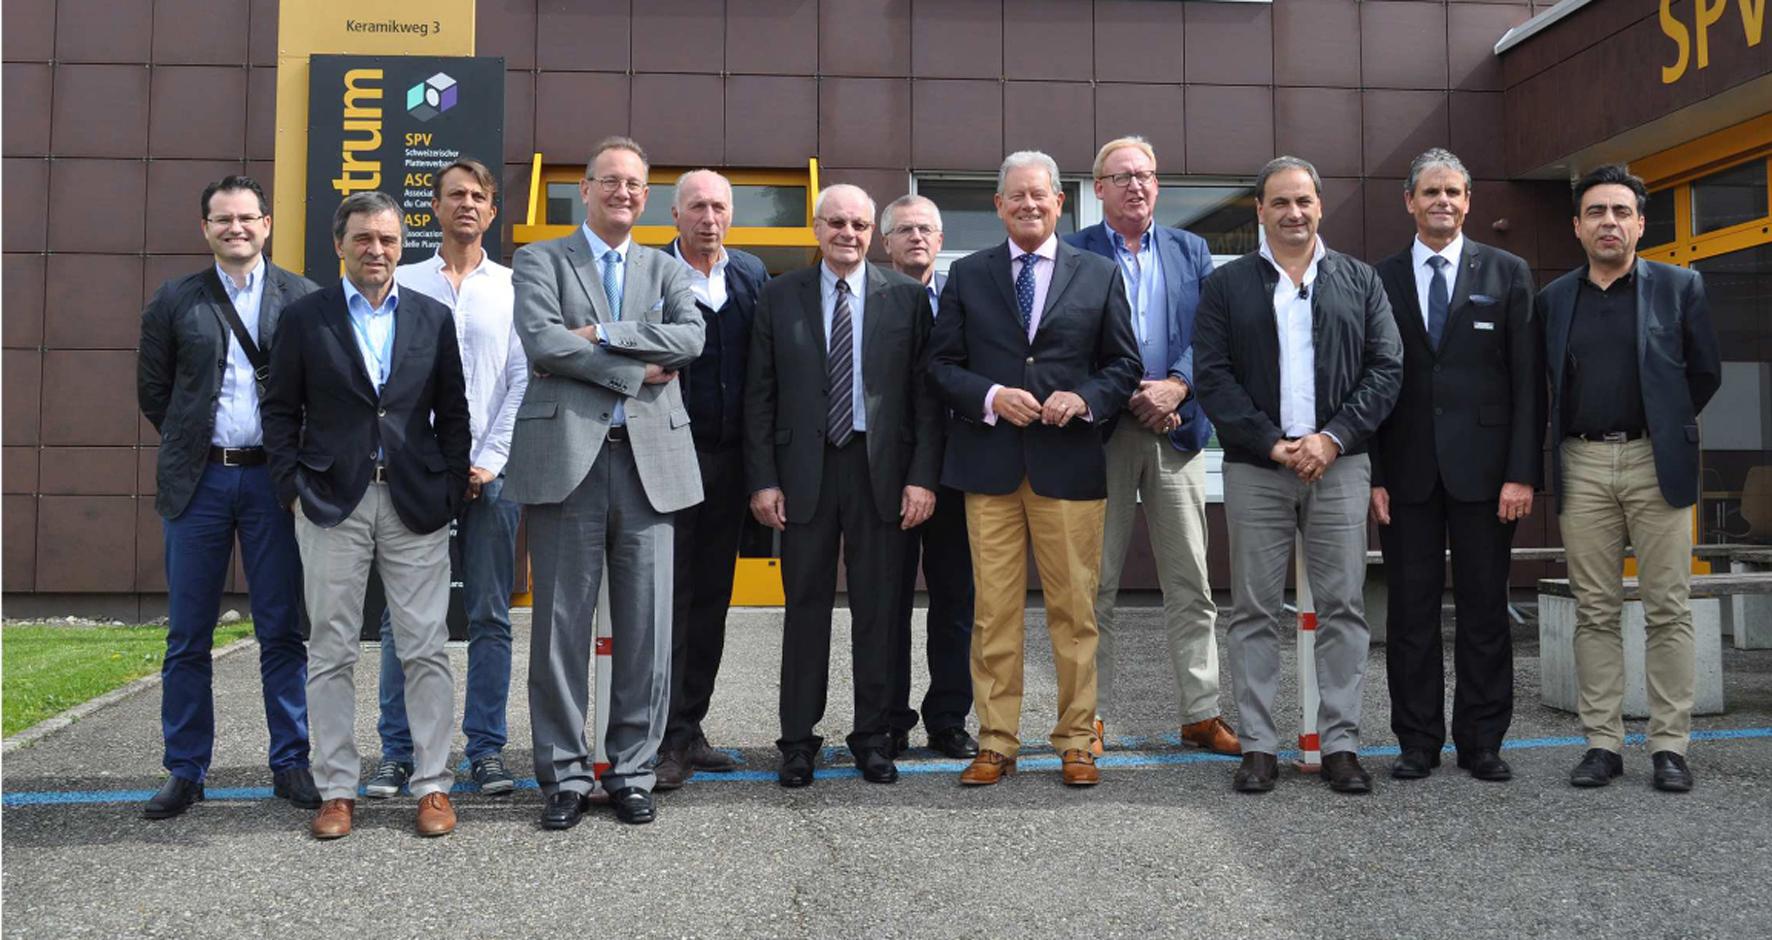 Élection d'un nouveau comité directeur et réunions techniques aux Journées européennes du carrelage de l'EUF apercu